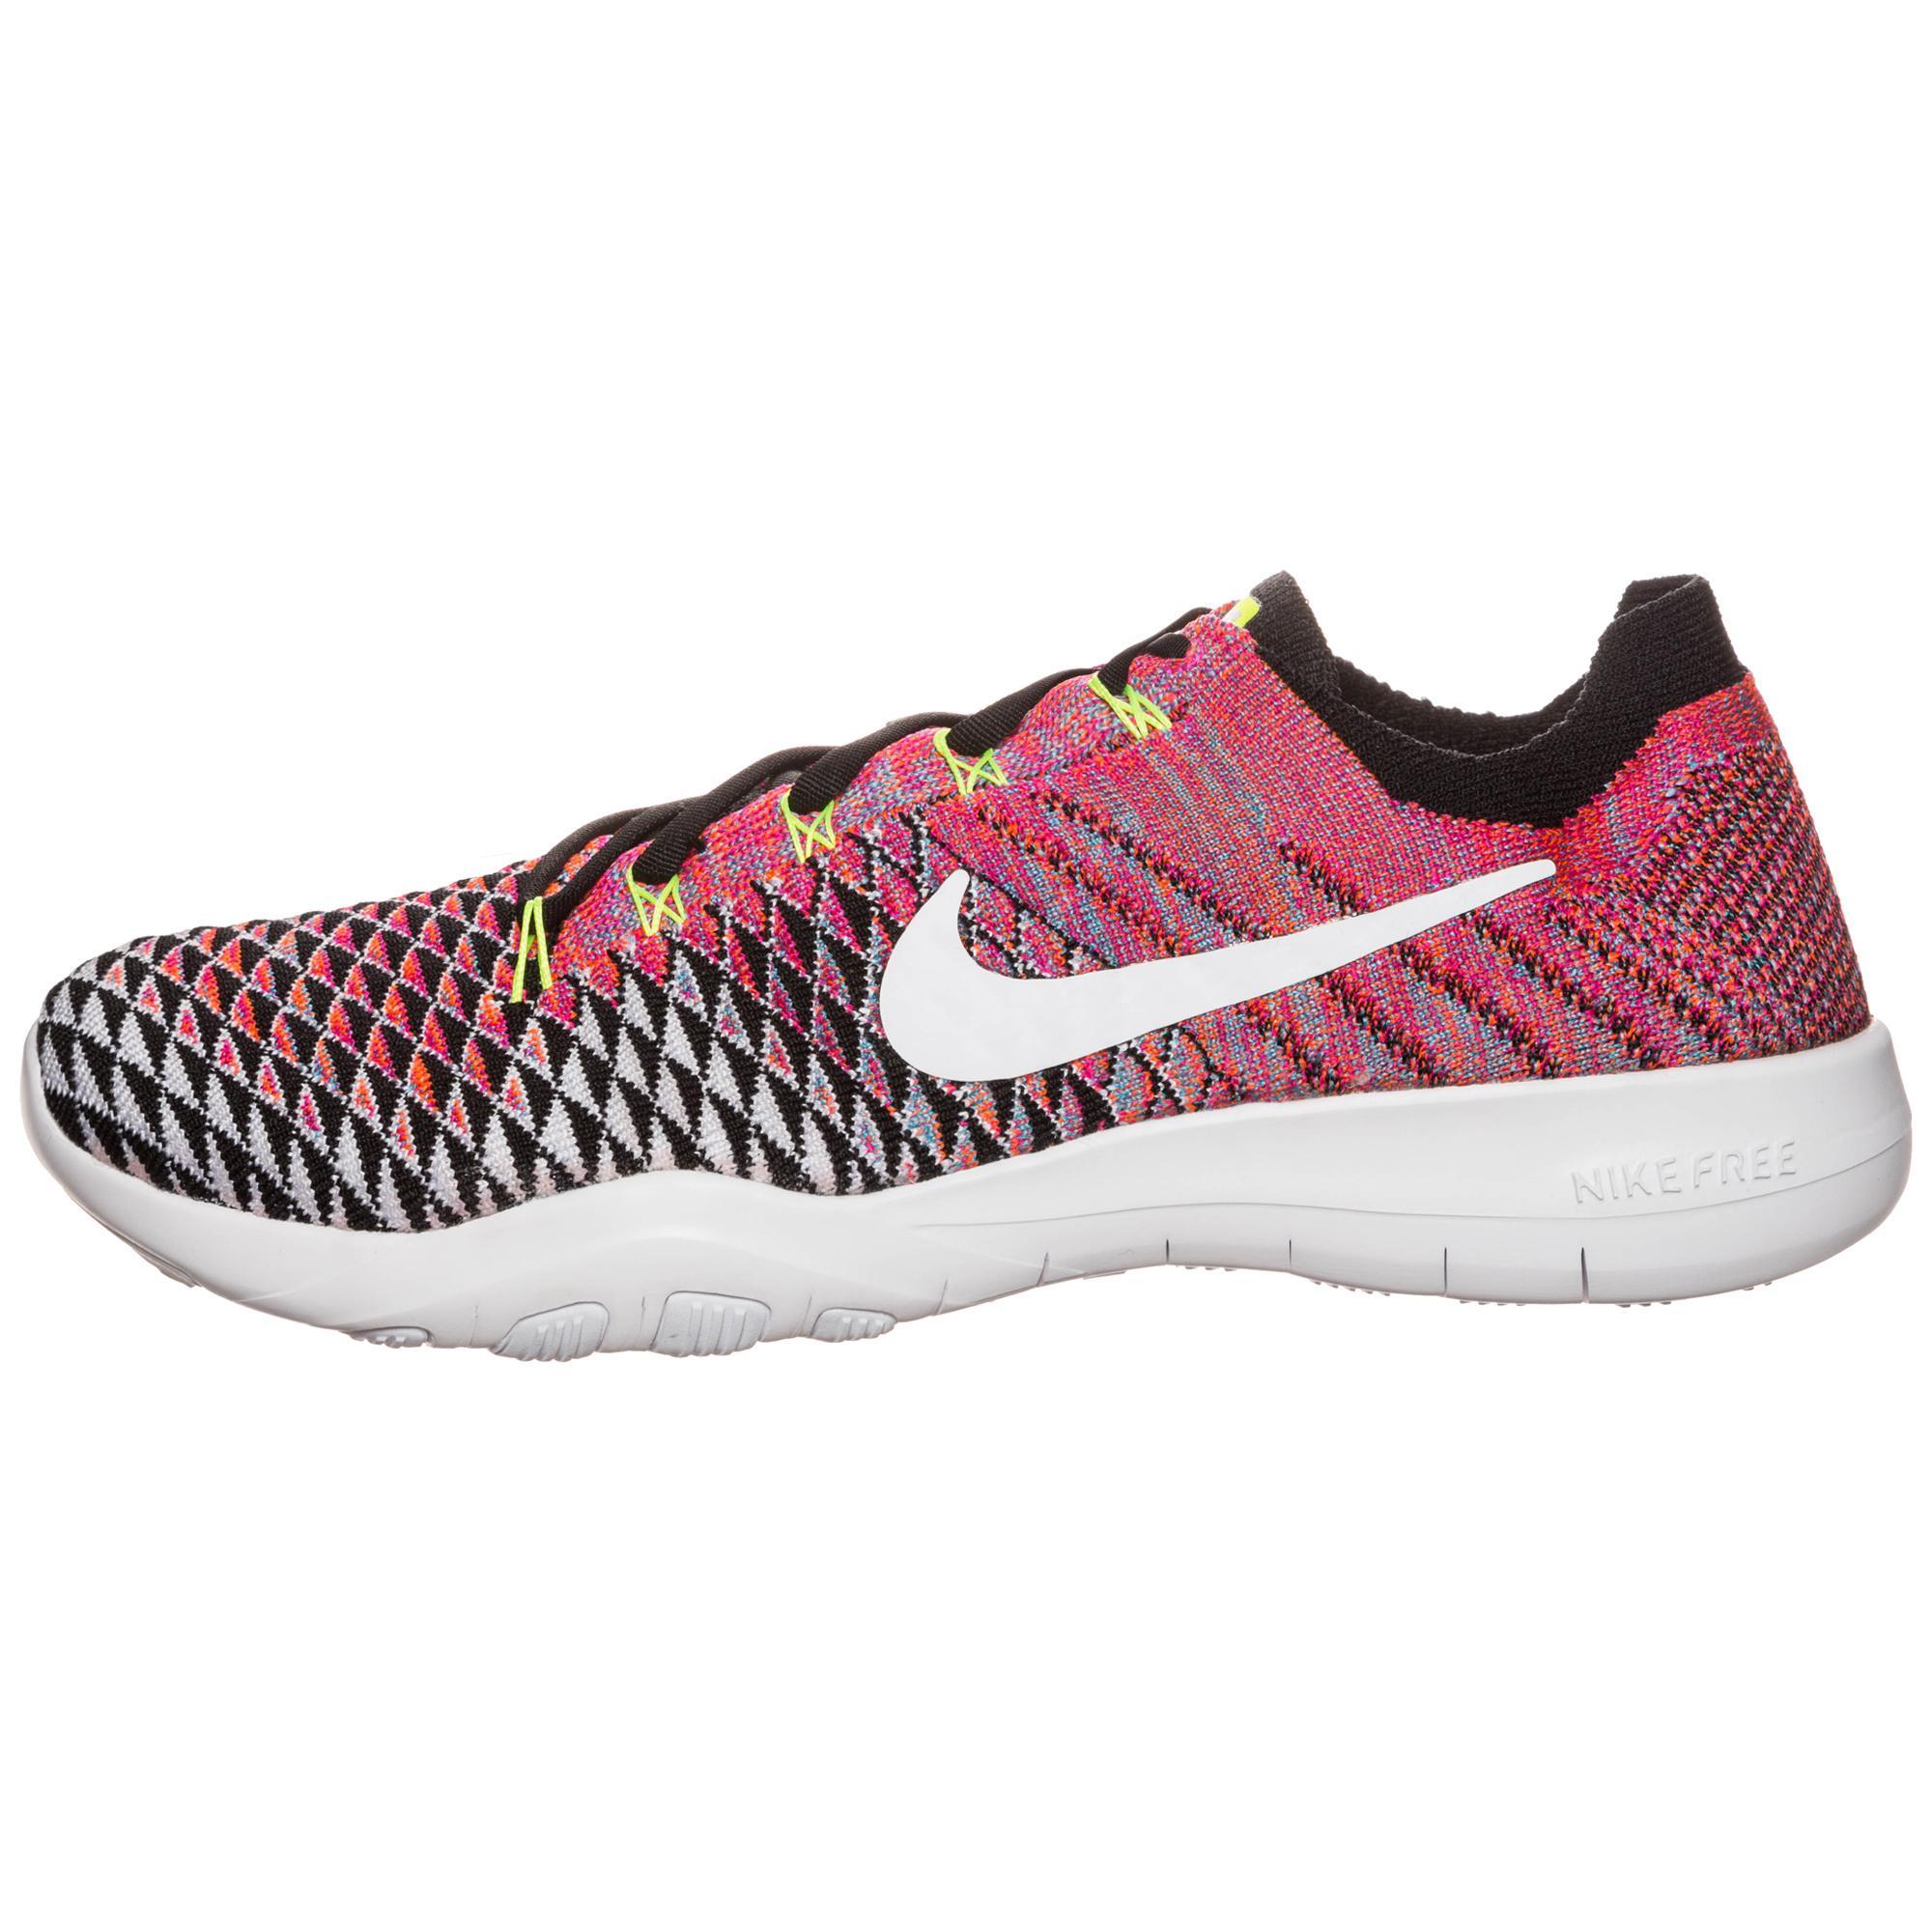 Nike Free TR Flyknit Flyknit Flyknit 2 Fitnessschuhe Damen pink / schwarz / weiß im Online Shop von SportScheck kaufen Gute Qualität beliebte Schuhe a686a1